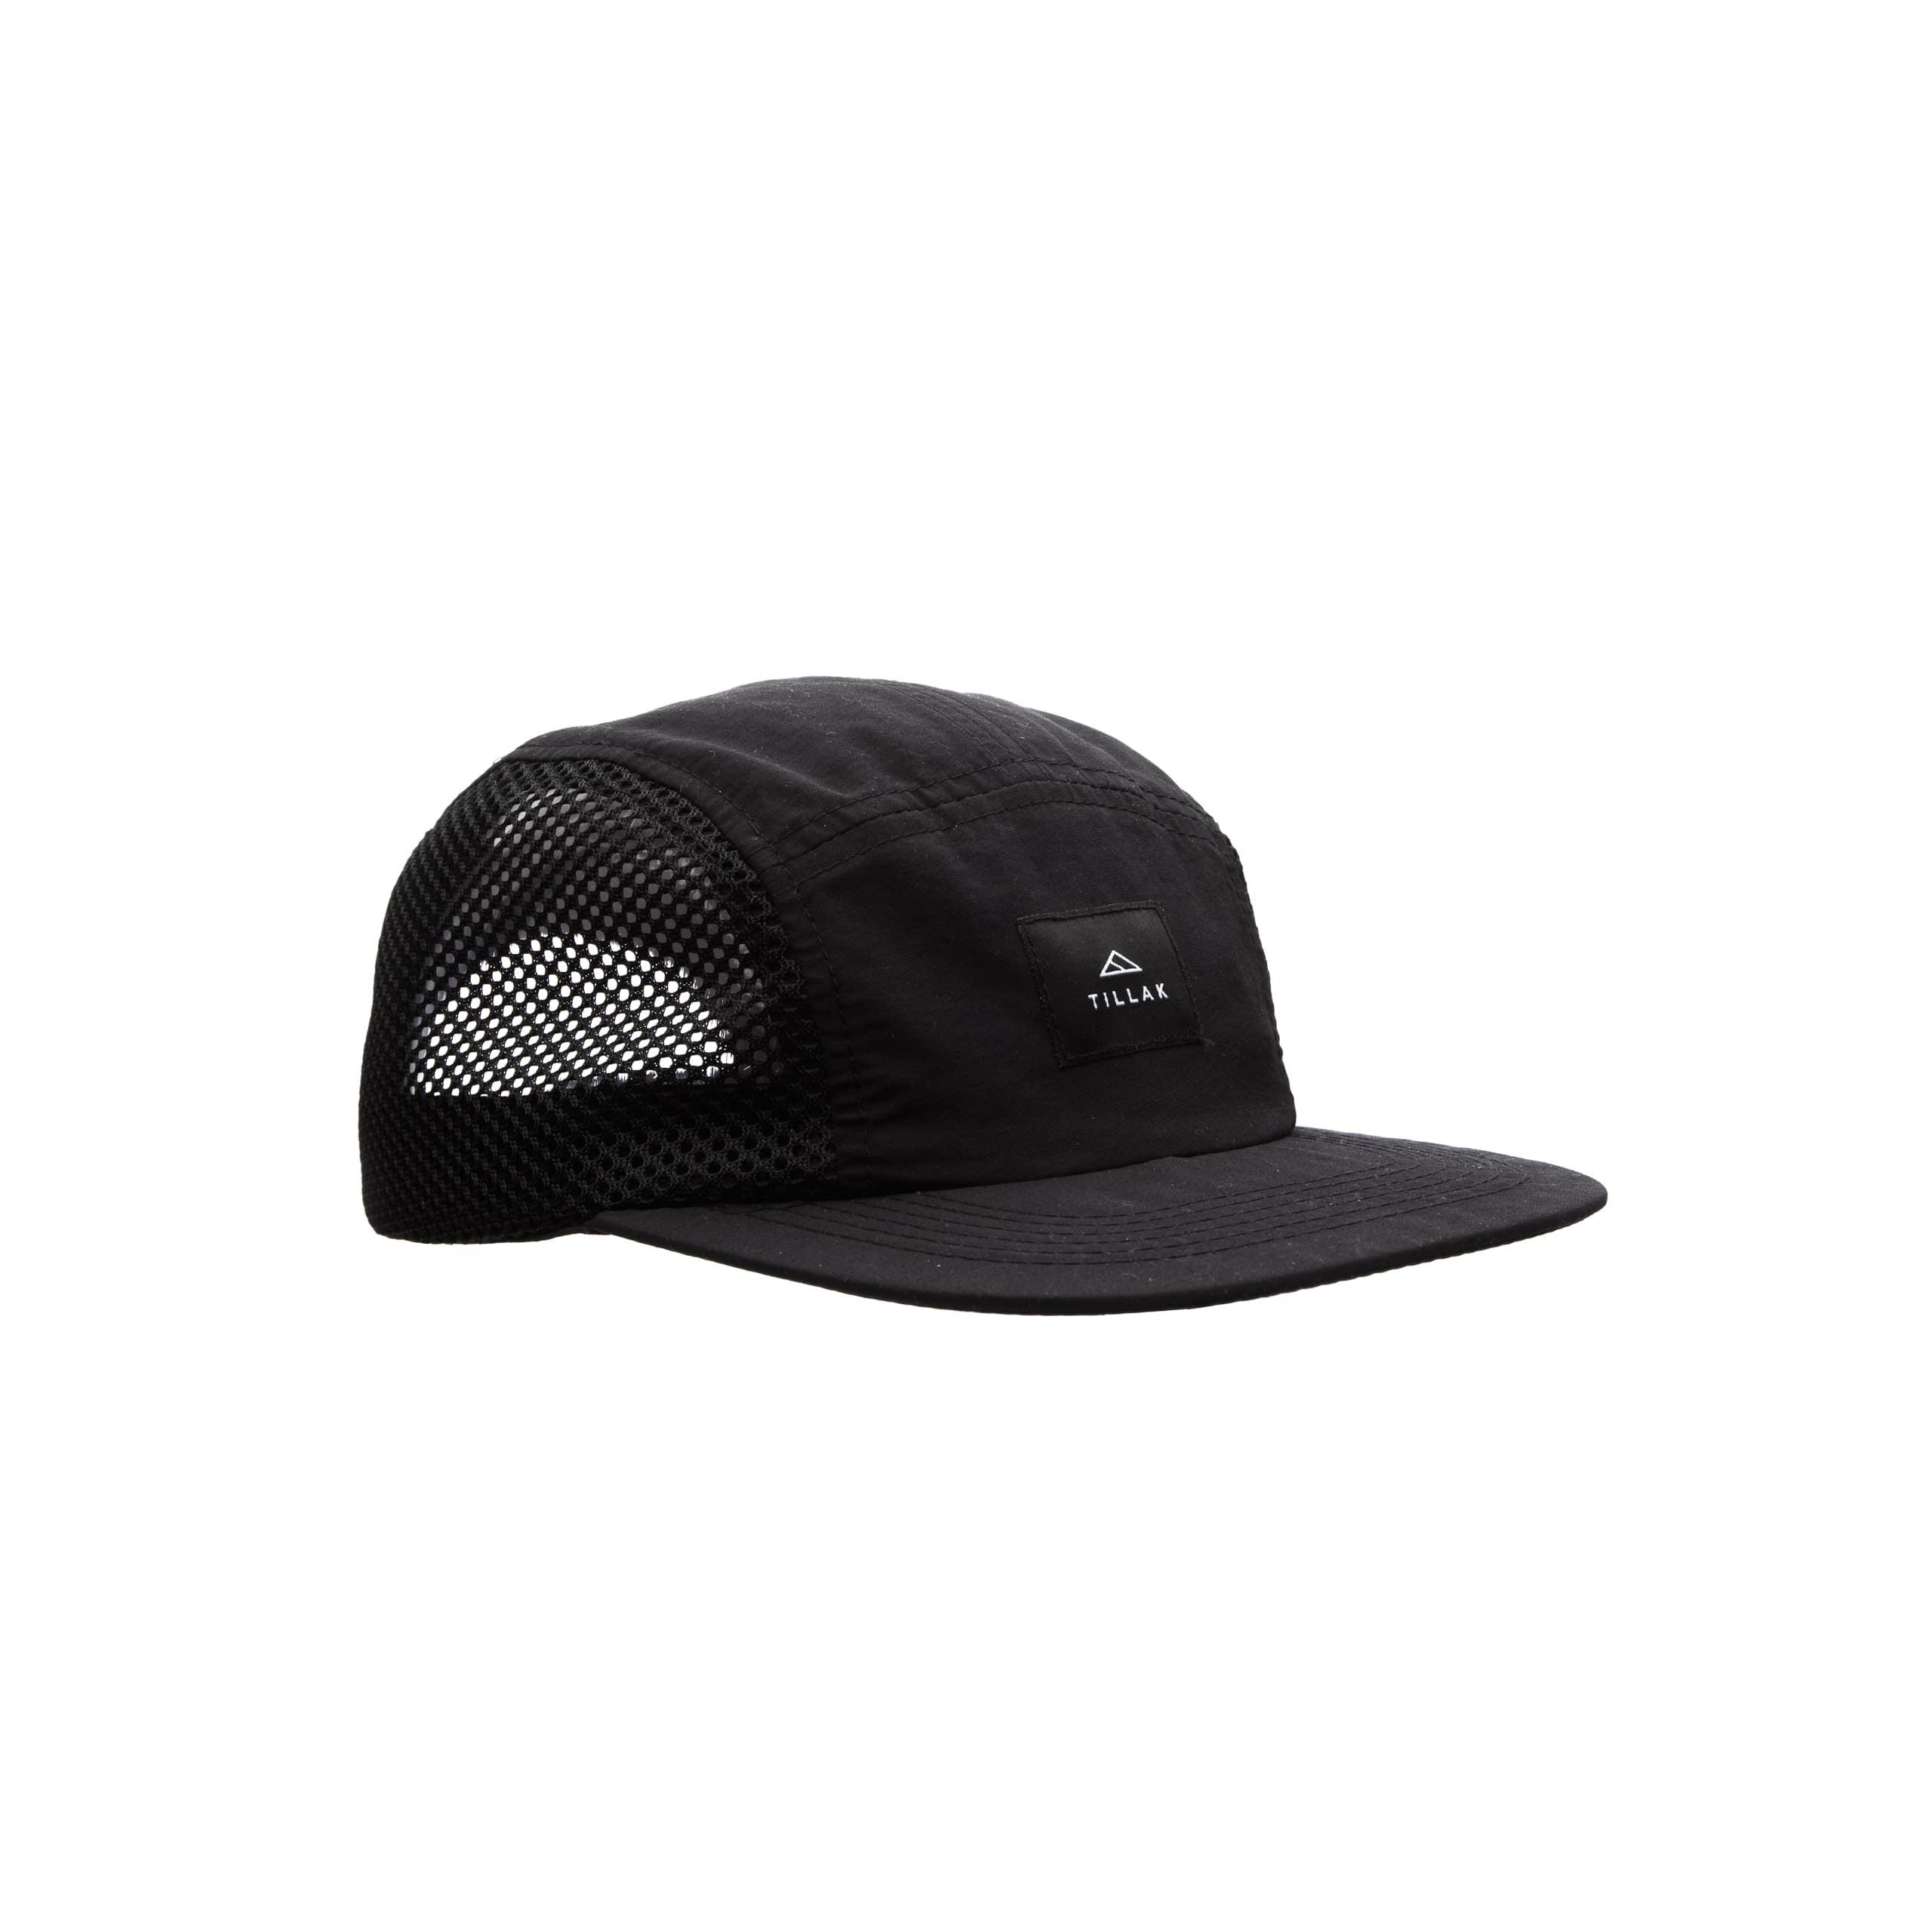 Tillak Wallowa Trail Hat